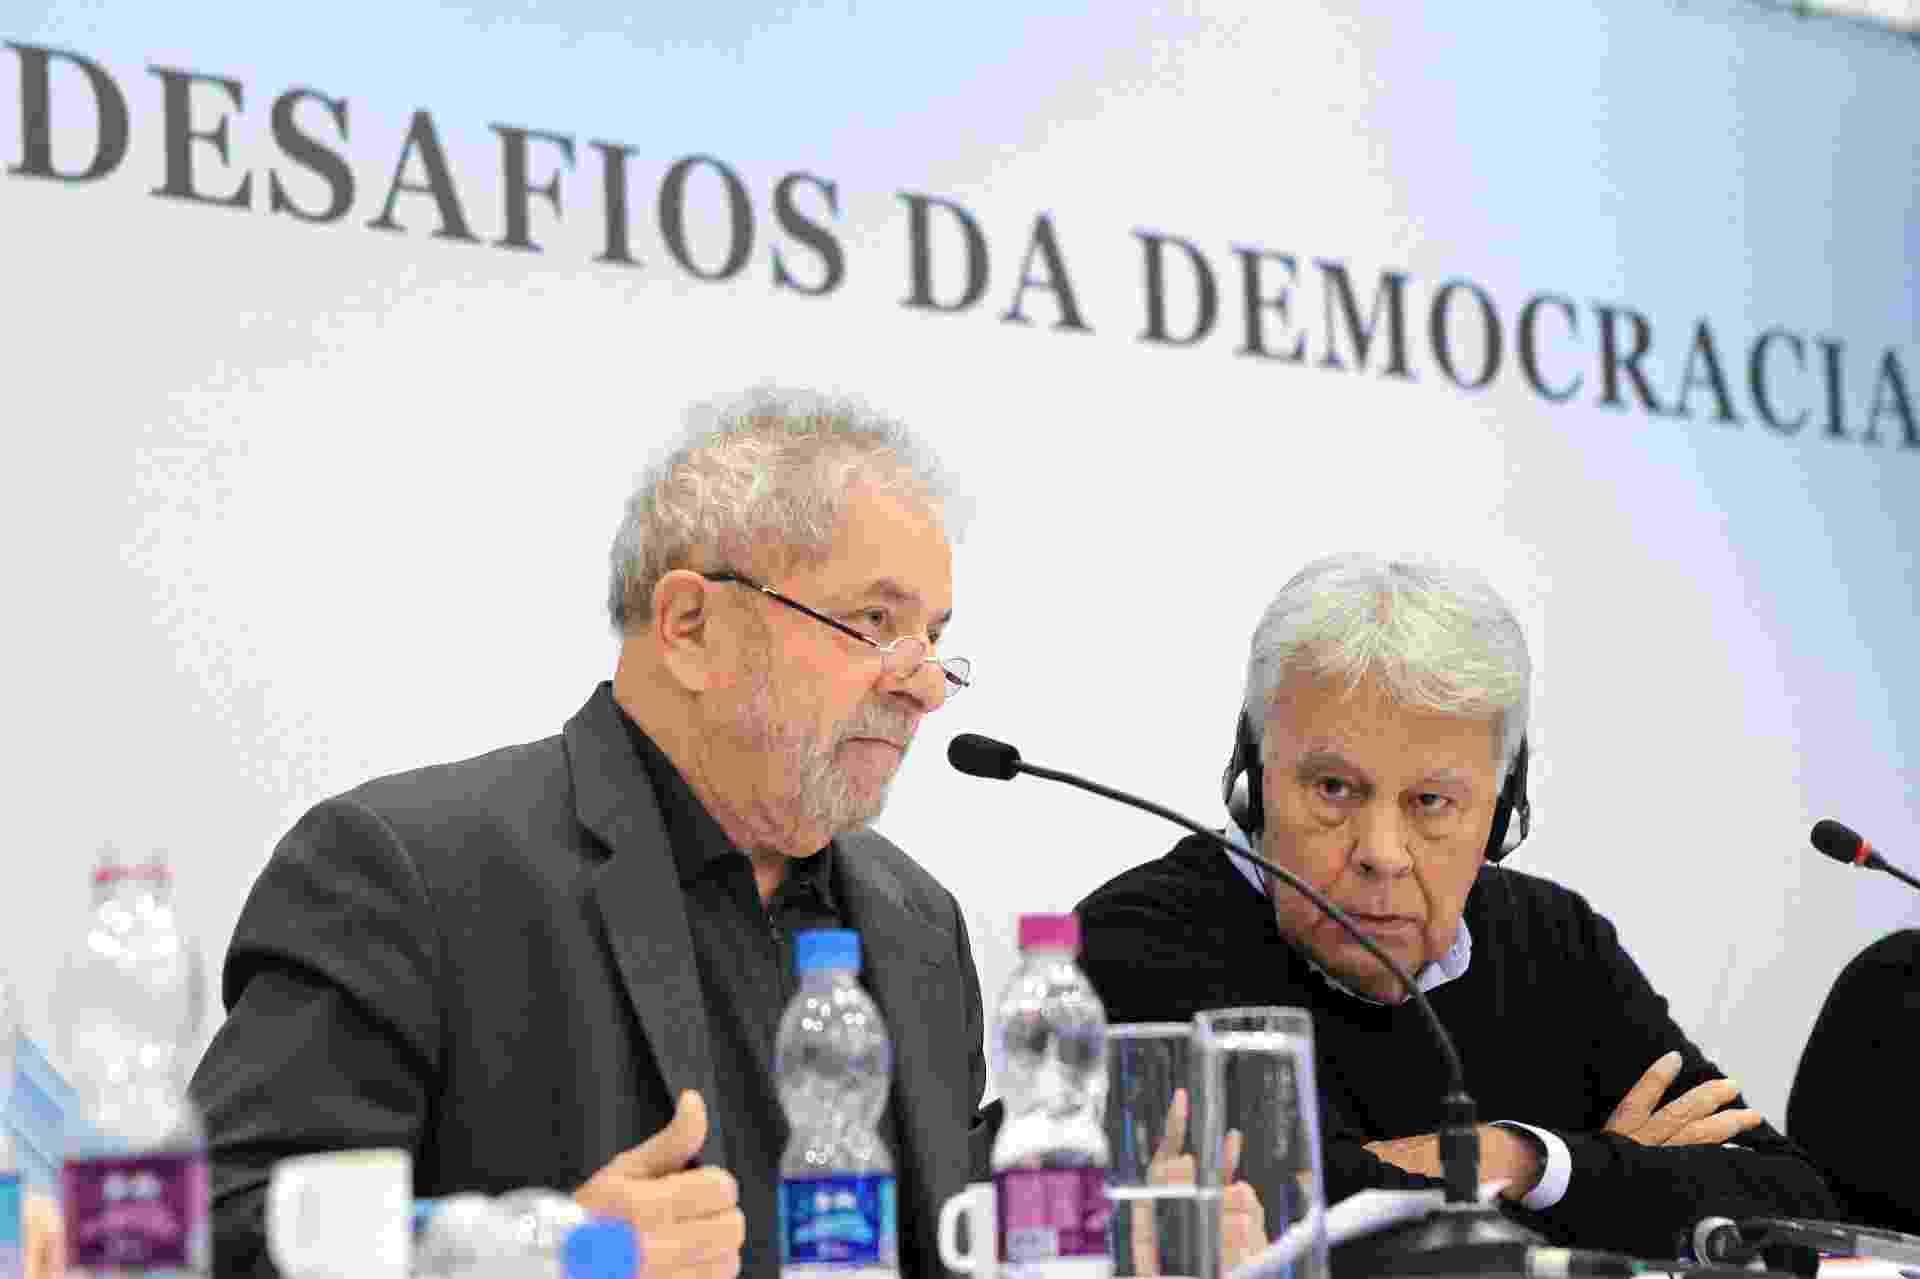 """22.jun.2015 - Lula realiza a conferência """"Novos desafios da democracia"""", seguida de debate com o ex-presidente da Espanha, Felipe González - Heinrich Aikawa/Instituto Lula"""